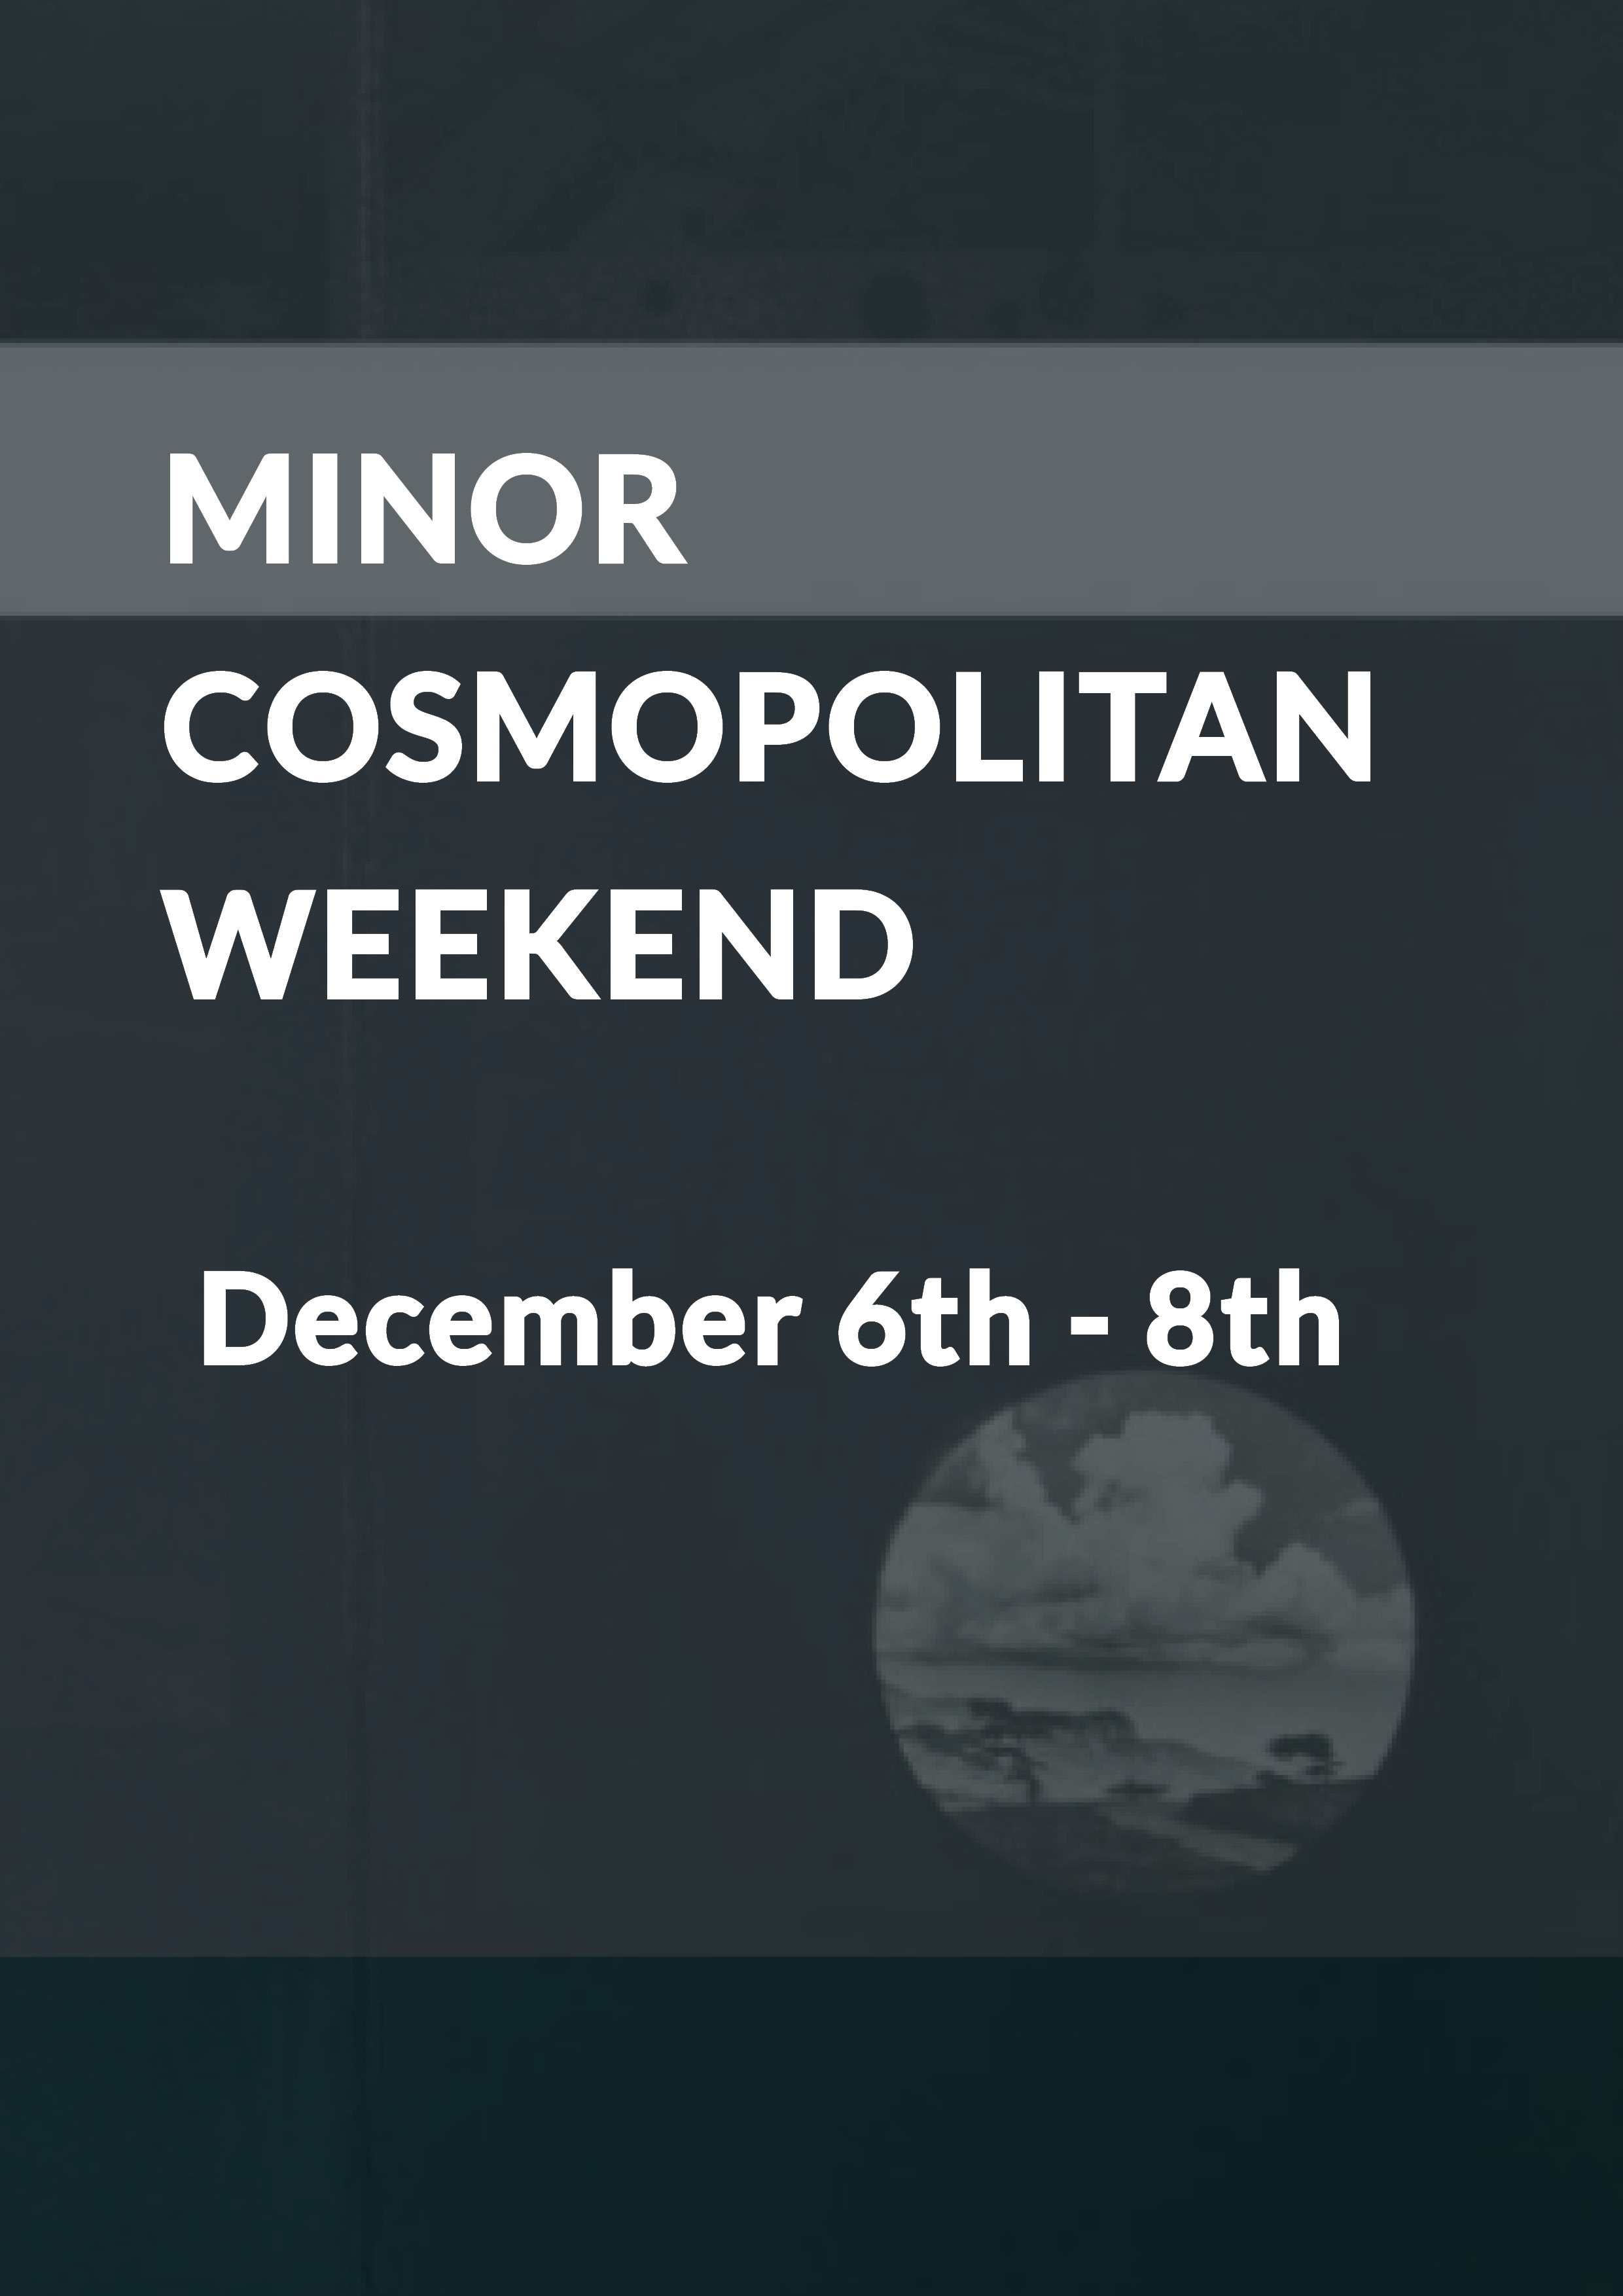 Minor-cosmopolitan-weekend2.jpg